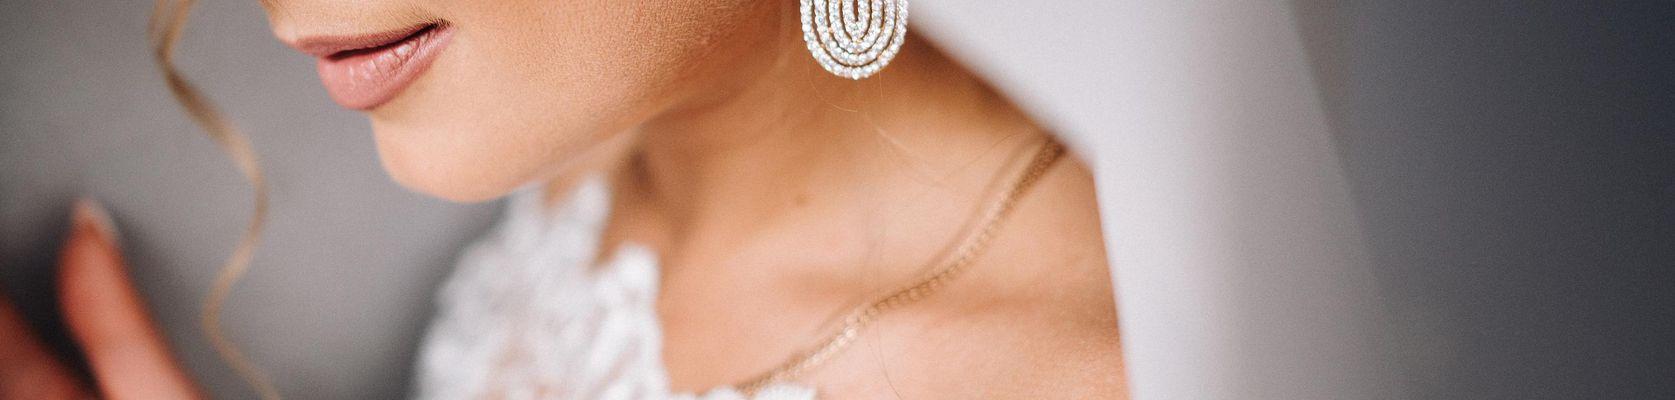 Brautbeauty, Brautstyling, Beauty Braut, Hochzeitsstyling